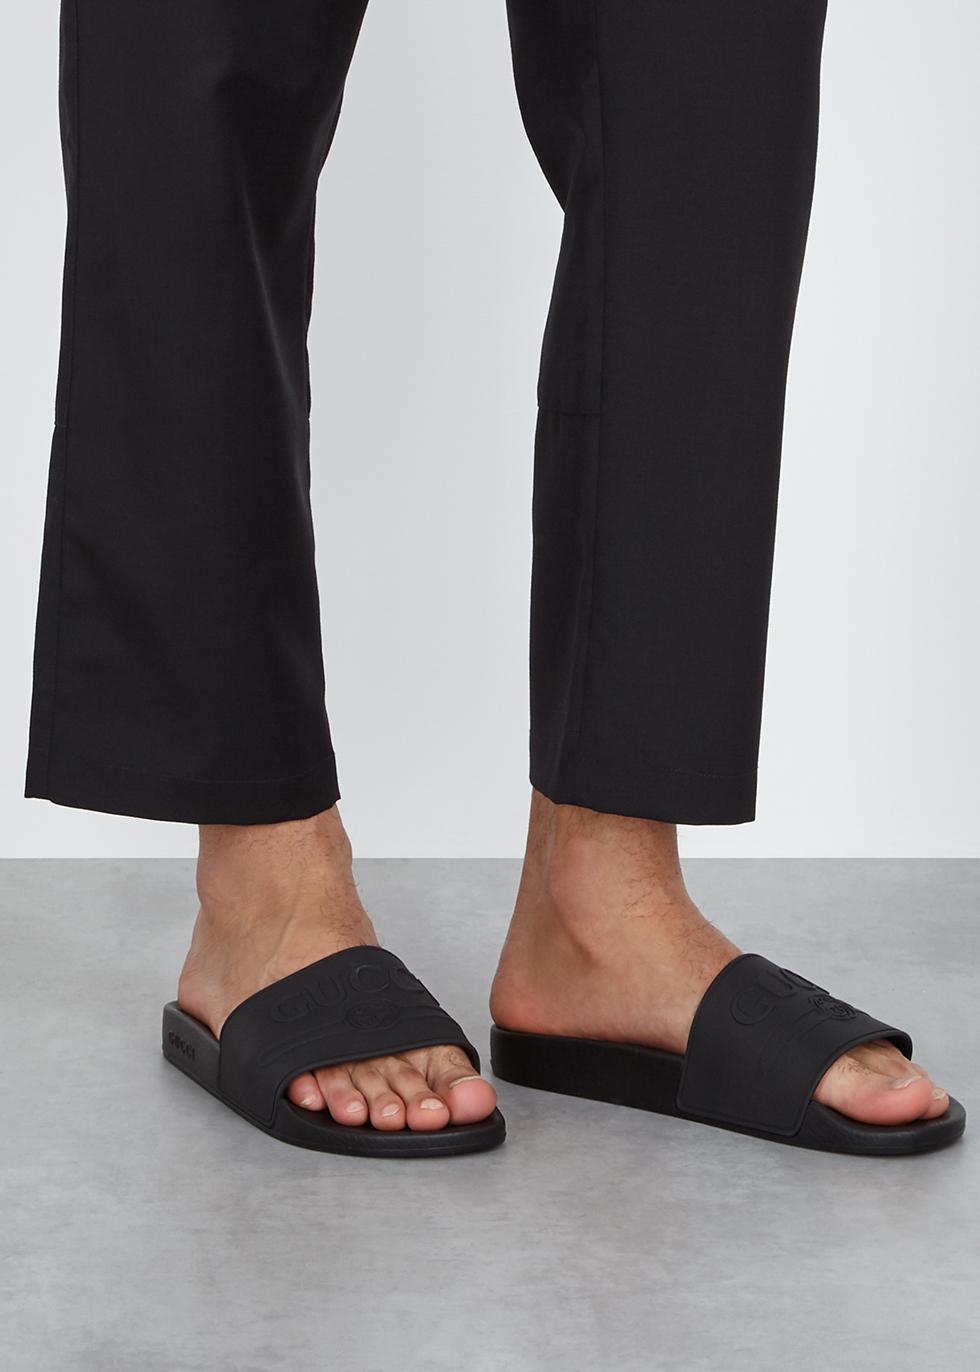 giày sandals dáng slide